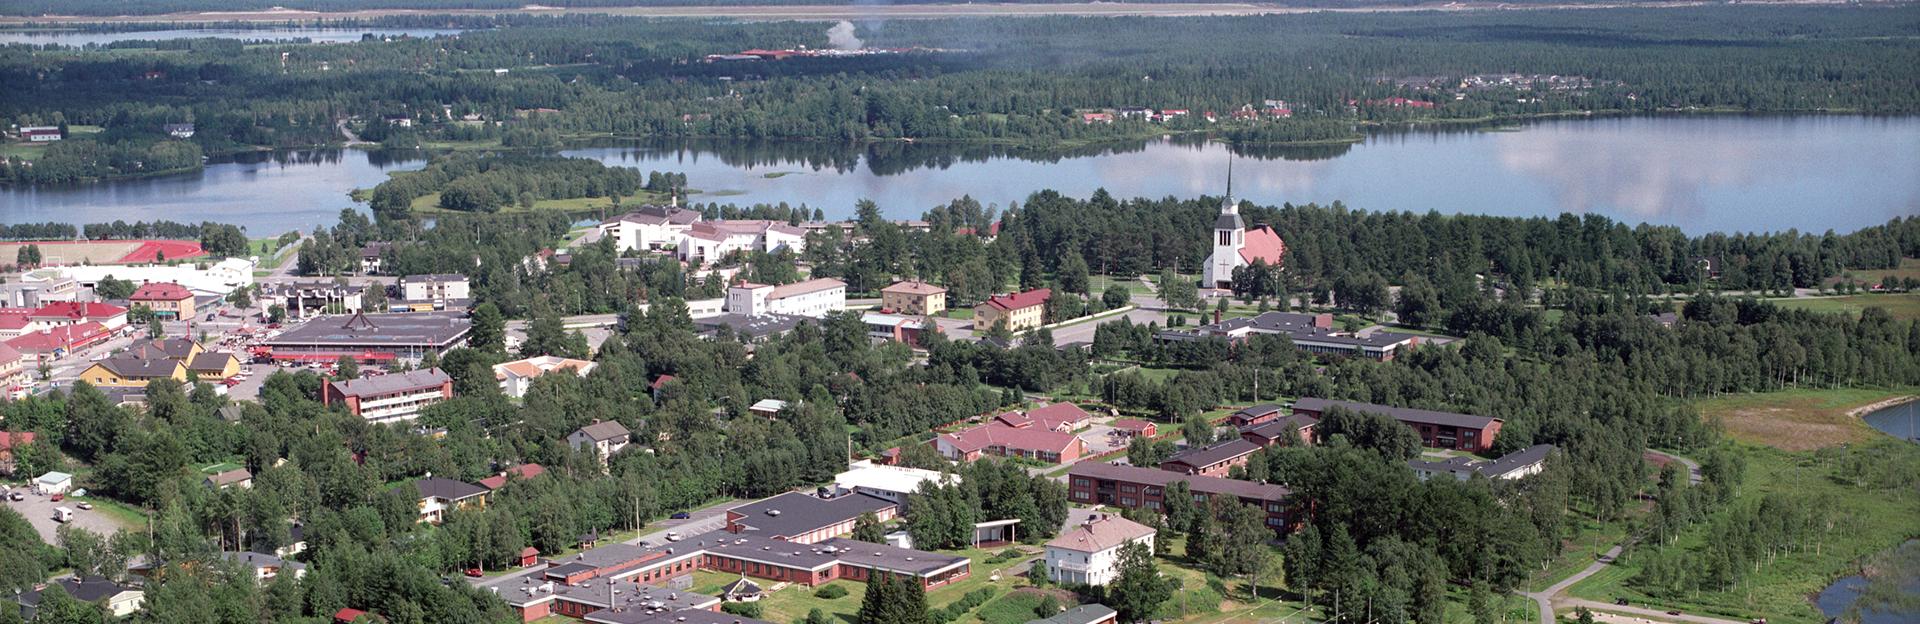 Kesäinen ilmakuva Kuusamon kaupungin keskustastakeskusta